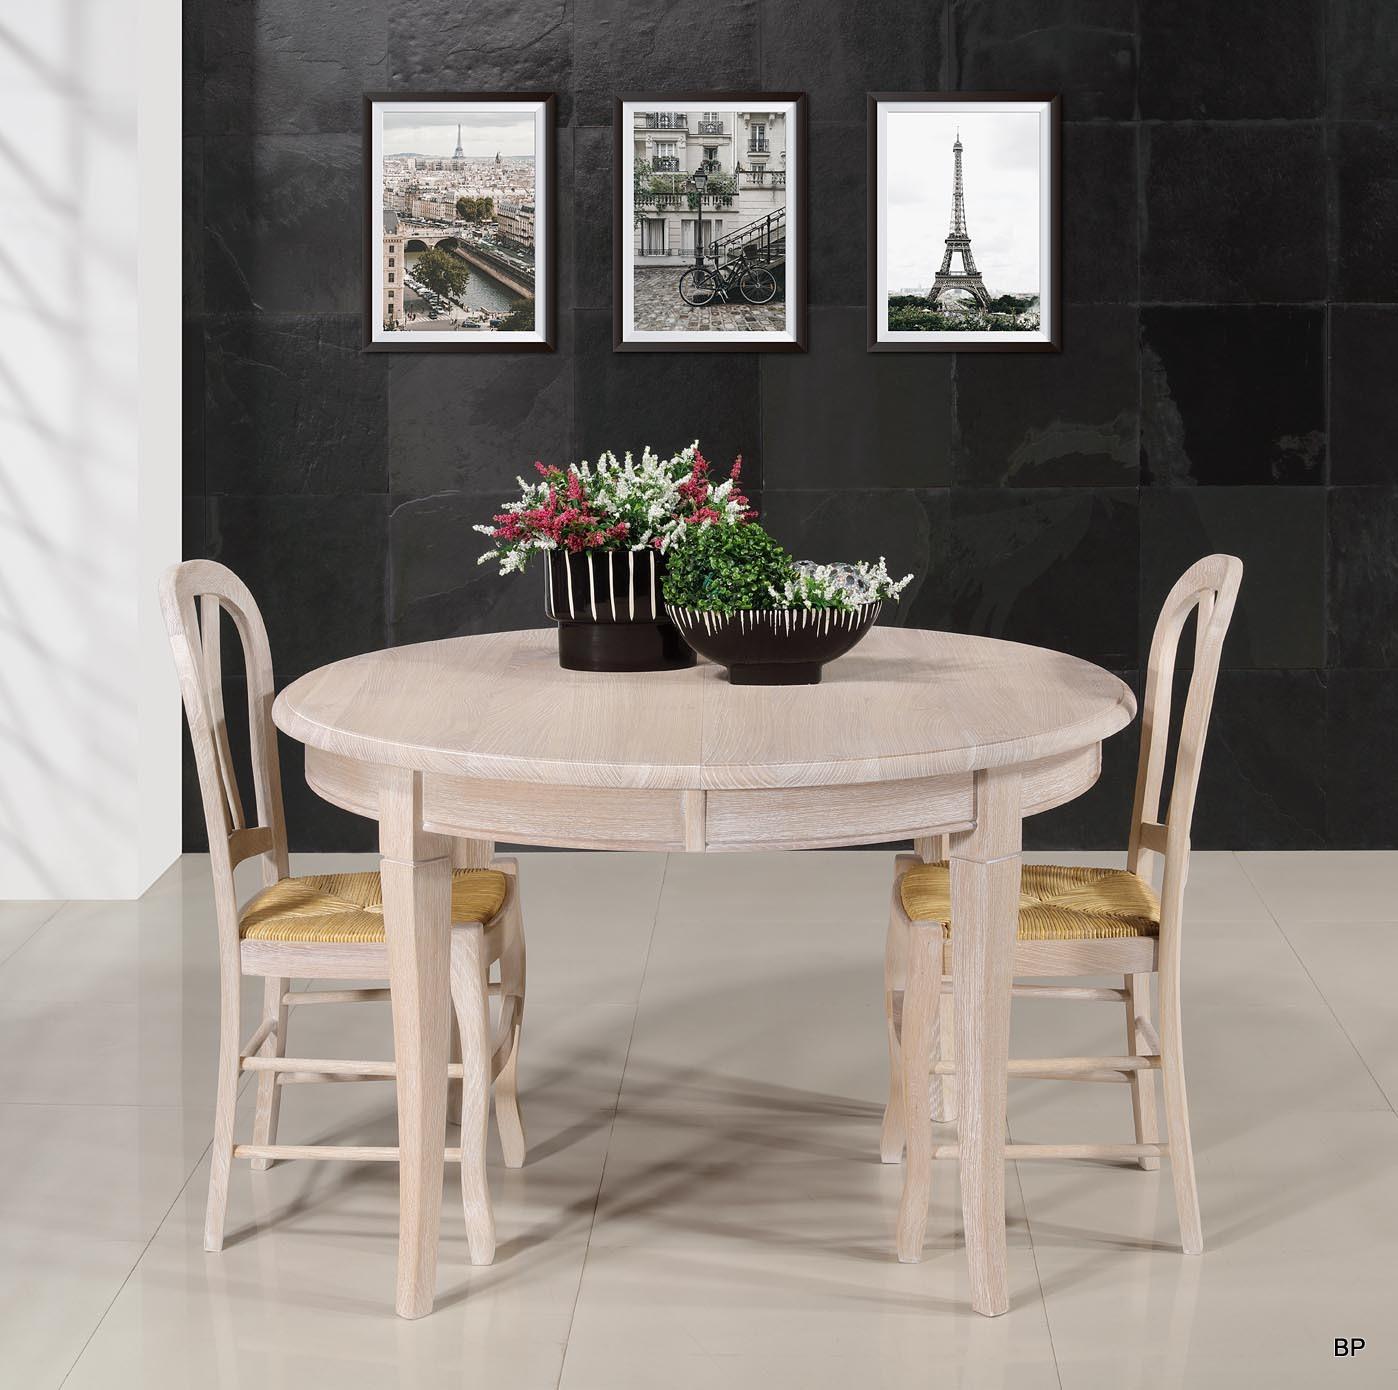 ed3592a1674fcc ... Table ronde Fabien réalisée en Chêne massif de style Louis Philippe  Diamètre 120 + 5 allonges ...